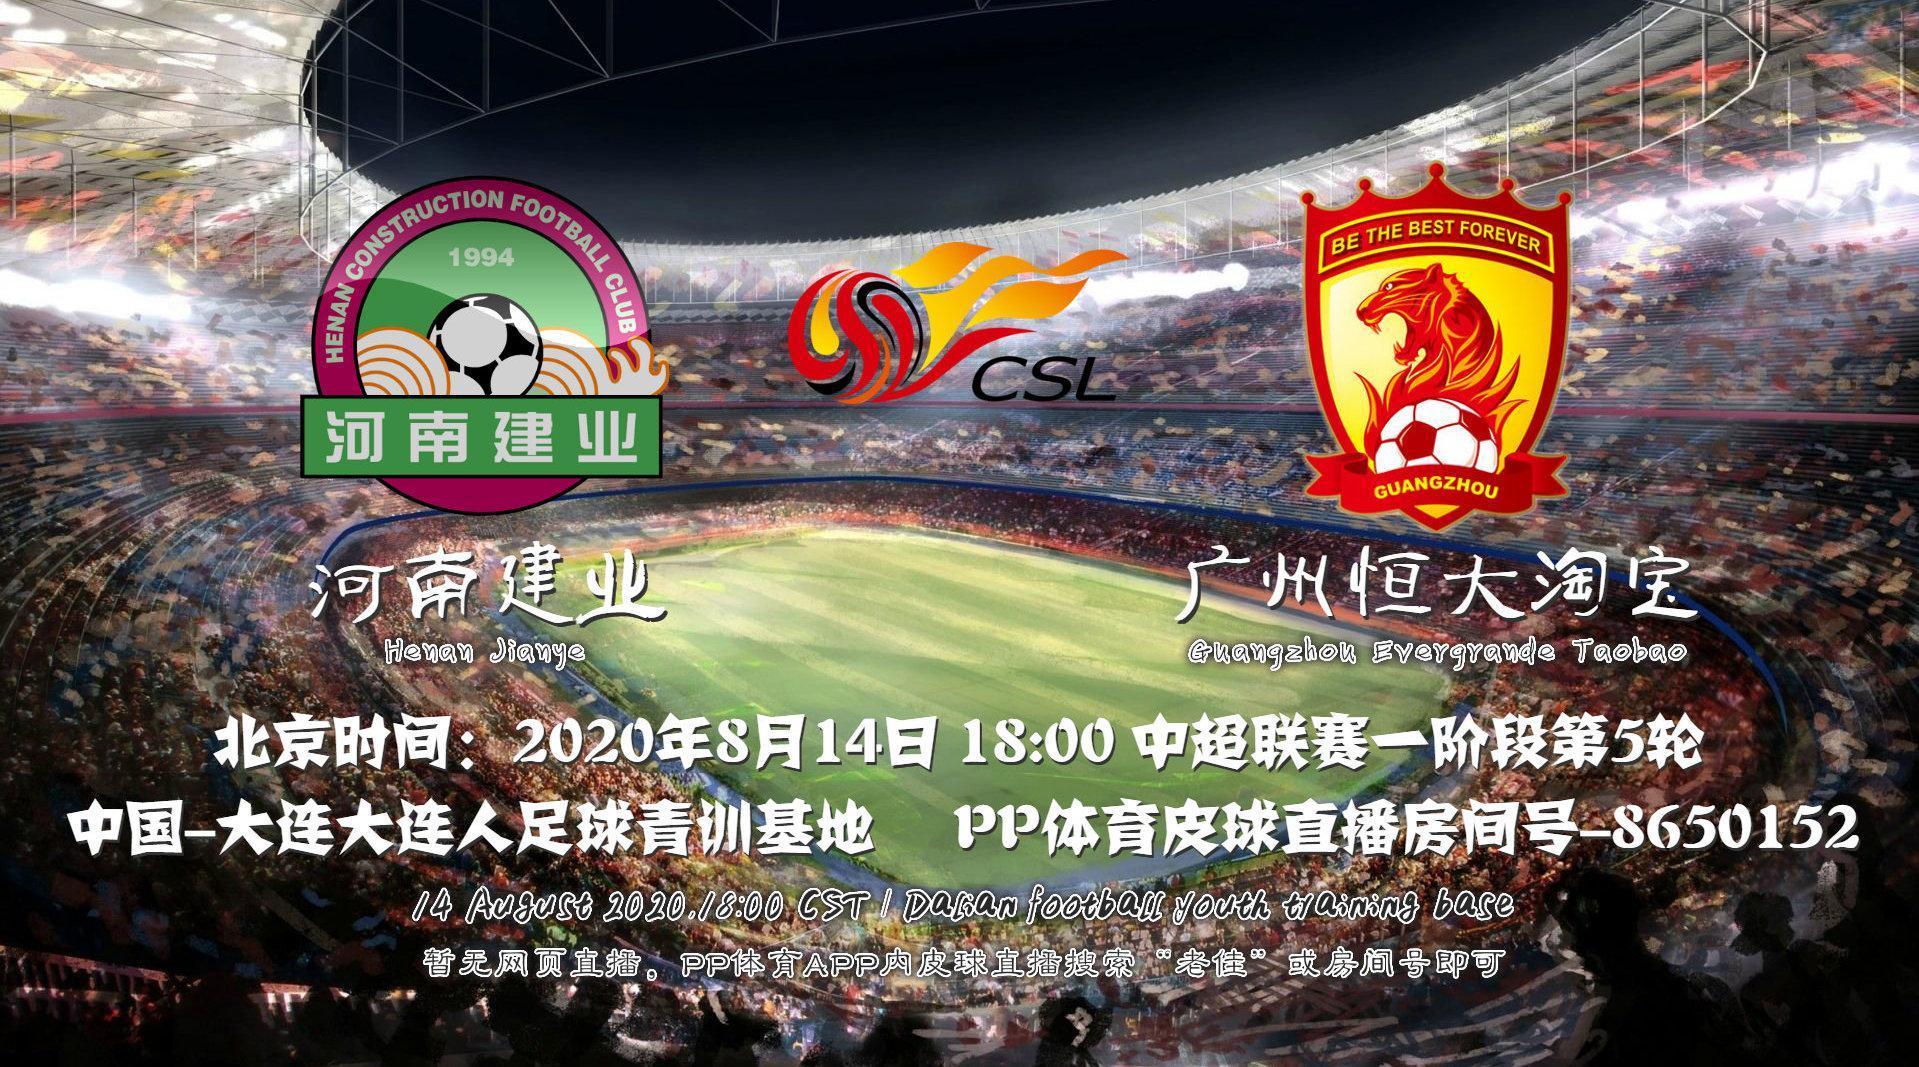 2020赛季中超联赛第1阶段第5轮 河南建业 1-3 广州恒大淘宝 全场